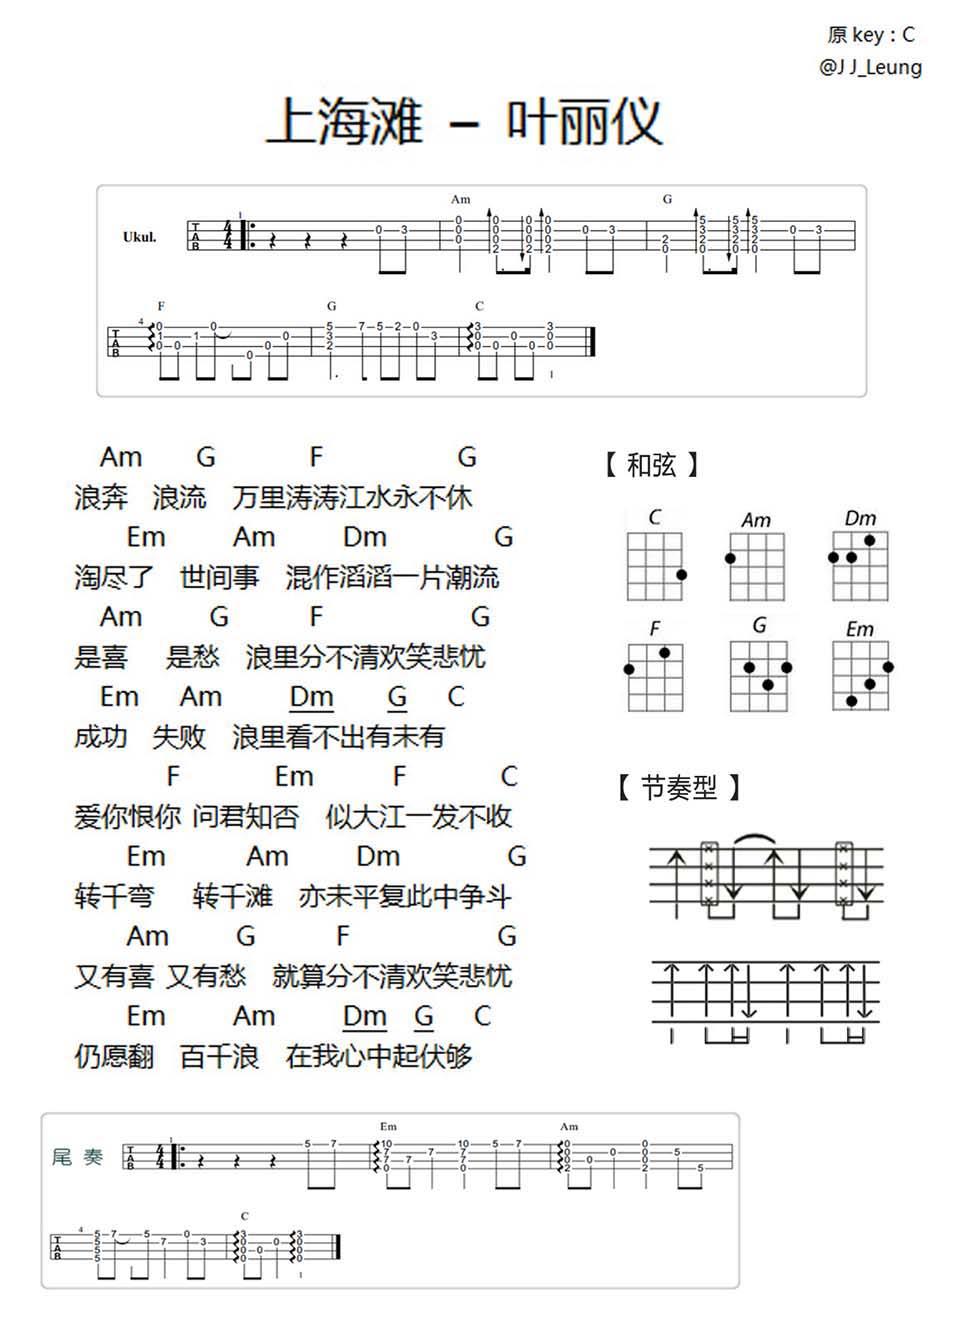 《上海滩》- 叶丽仪 ukulele谱-C大调音乐网